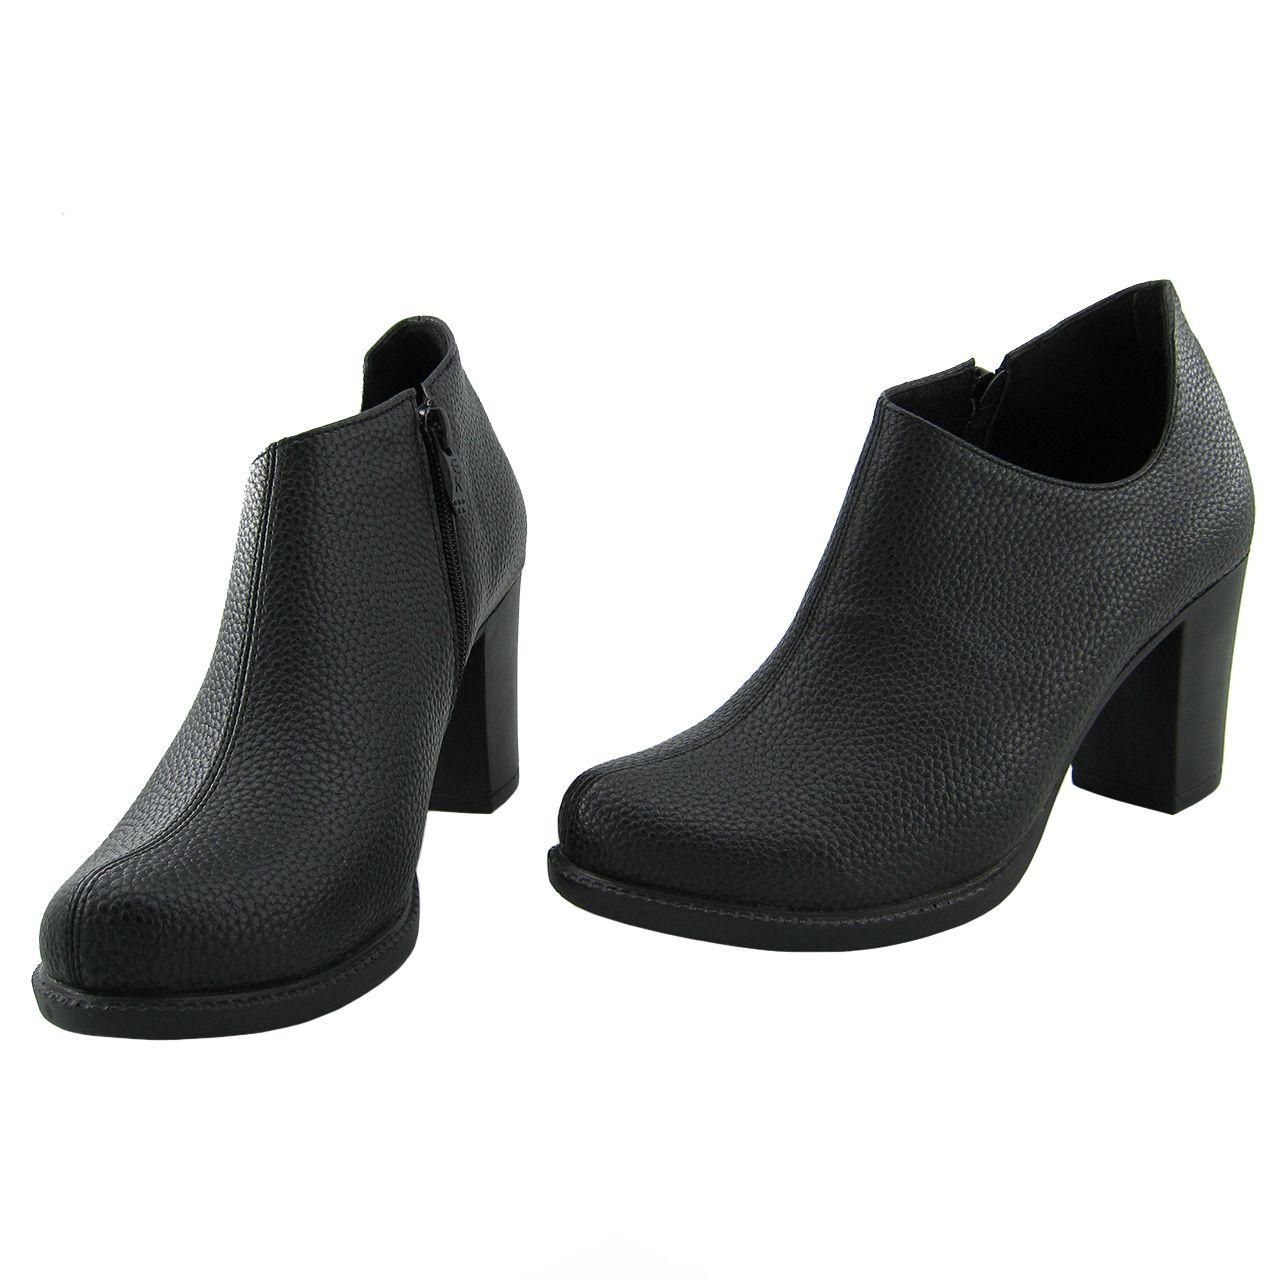 کفش زنانه مدل هلیا کد 01 -  - 8